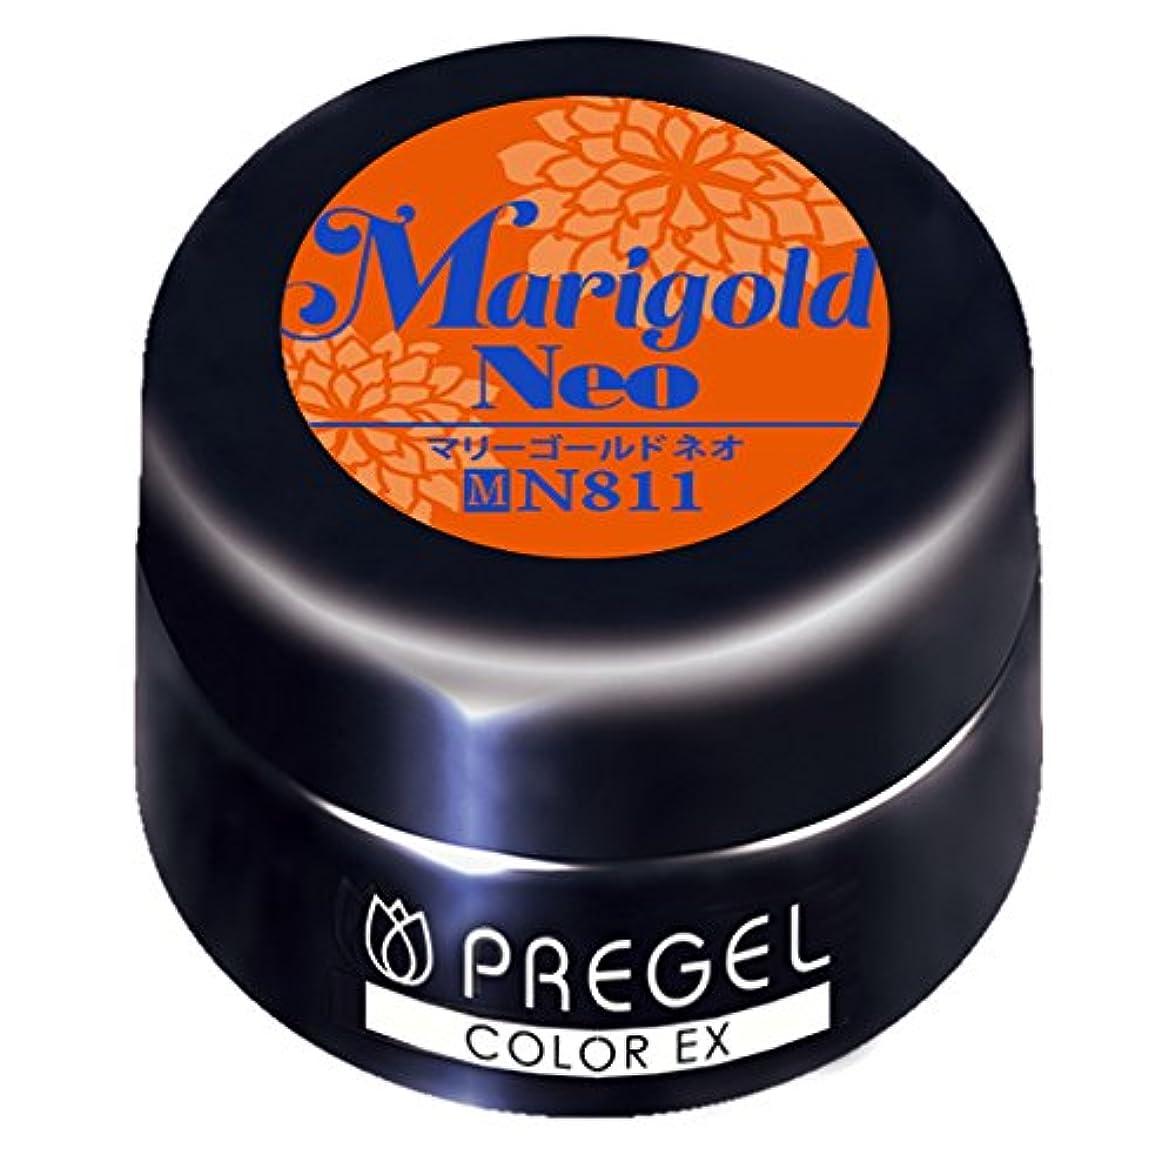 PRE GEL カラーEX マリーゴールドneo 811 3g UV/LED対応